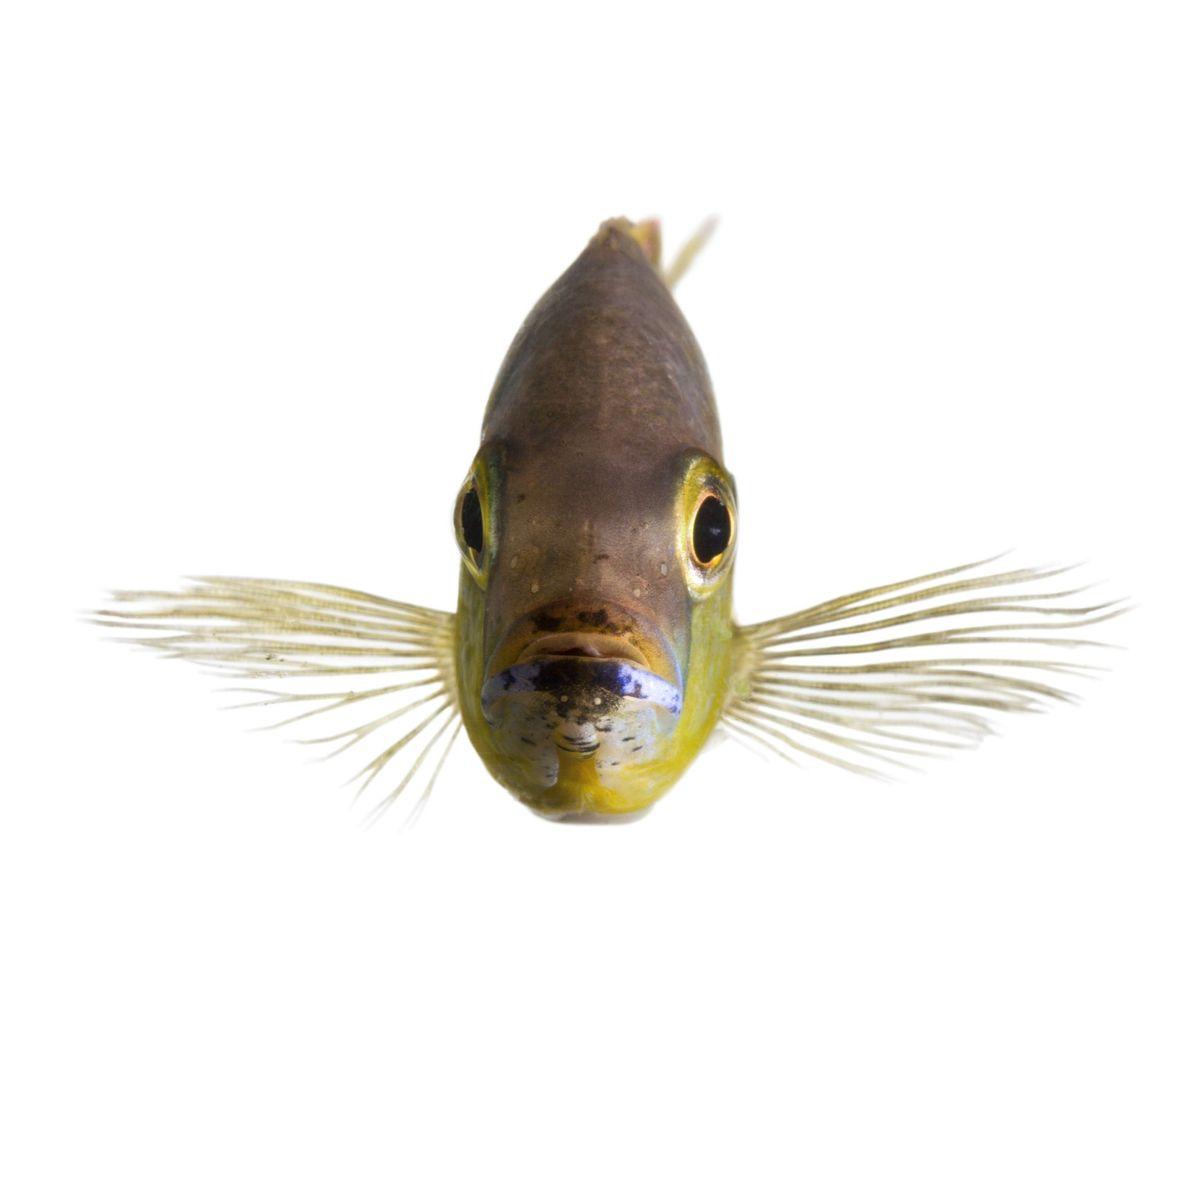 Certains poissons cichlidés africains natifs du lac Tanganyika en Afrique de l'Est sont capables de faire ...